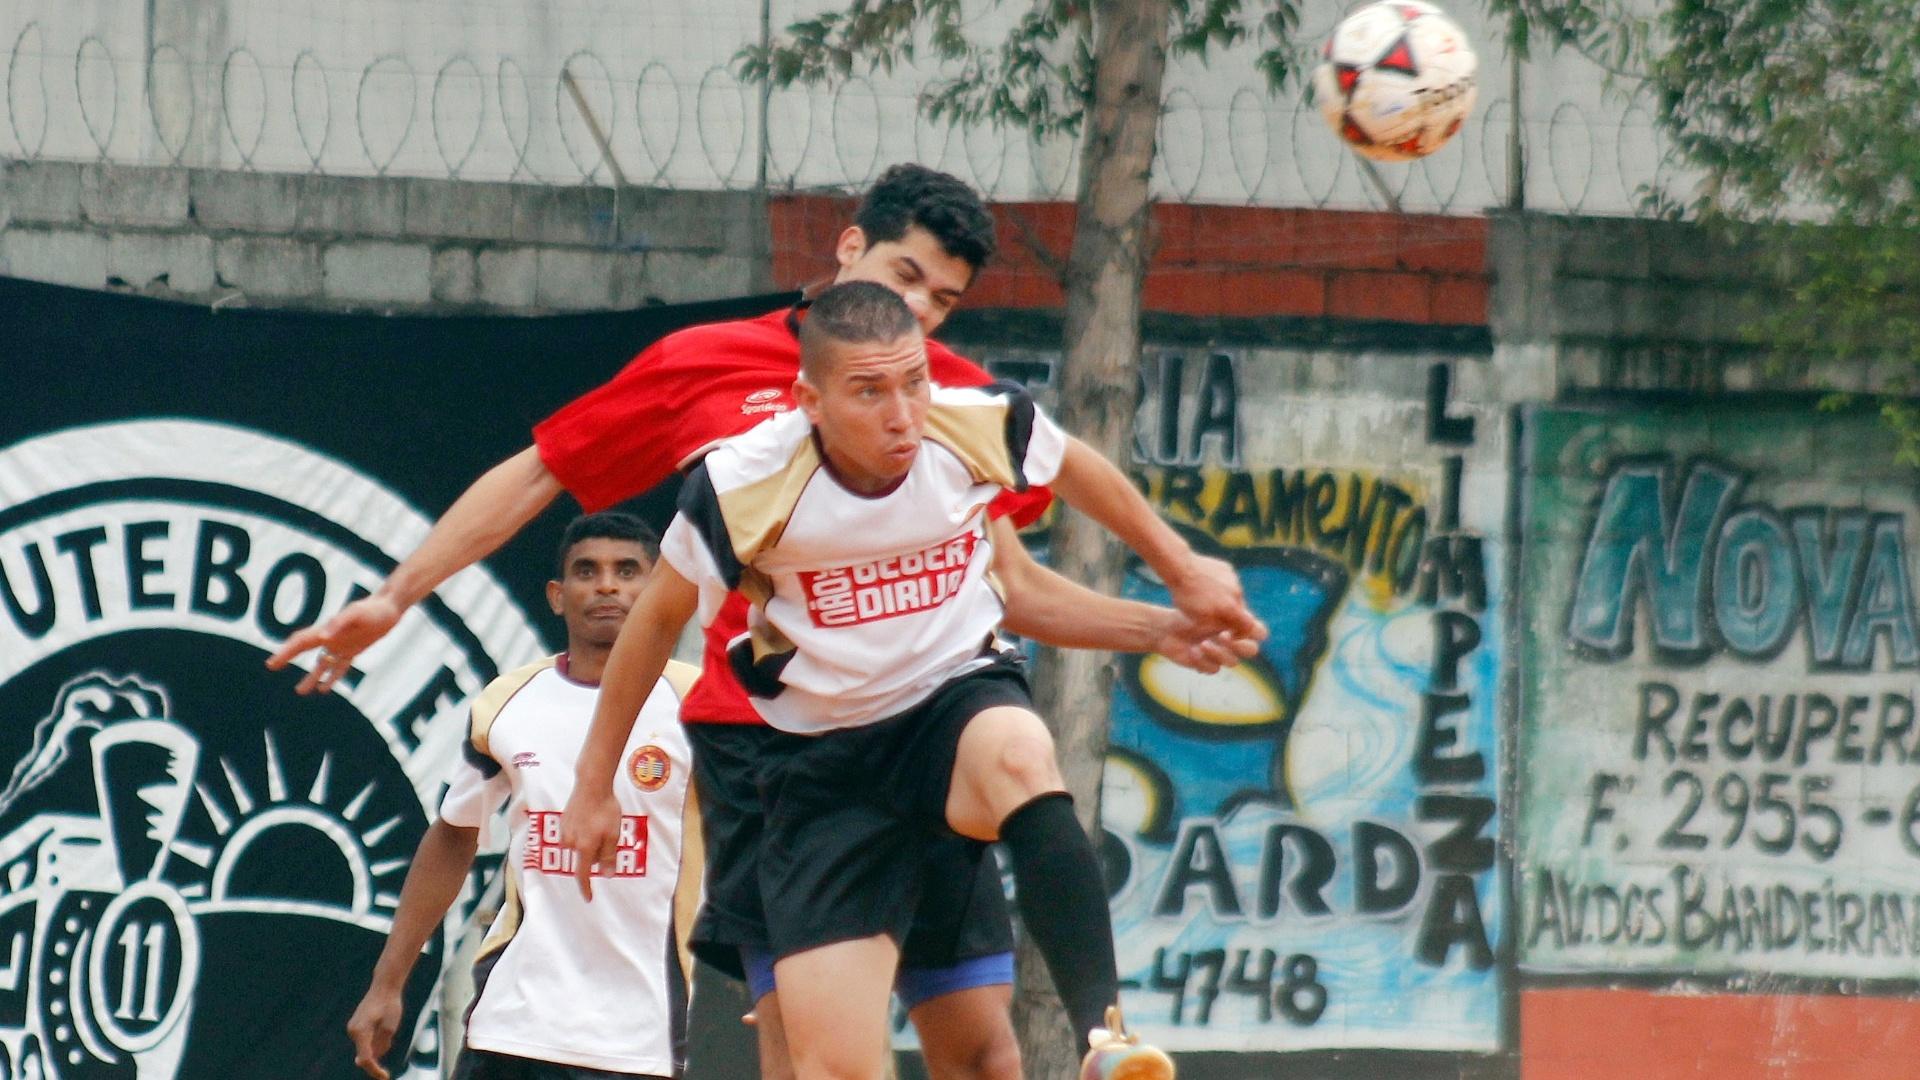 Jogadores do Juventus (branco) e do Jaçanã (vermelho) disputam bola aérea